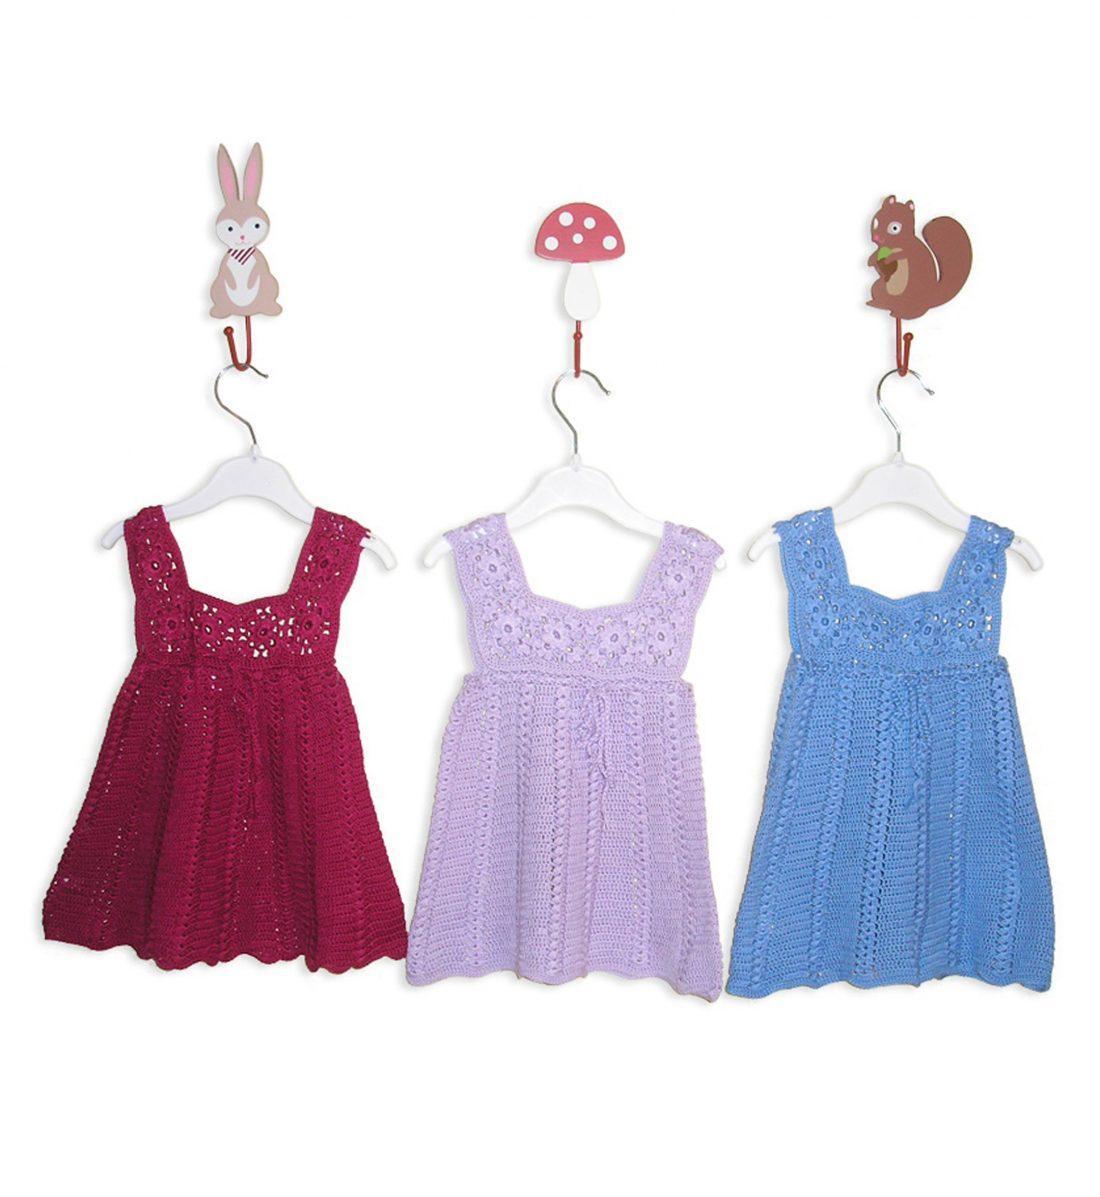 Crochet Soft Cotton Dress 1037